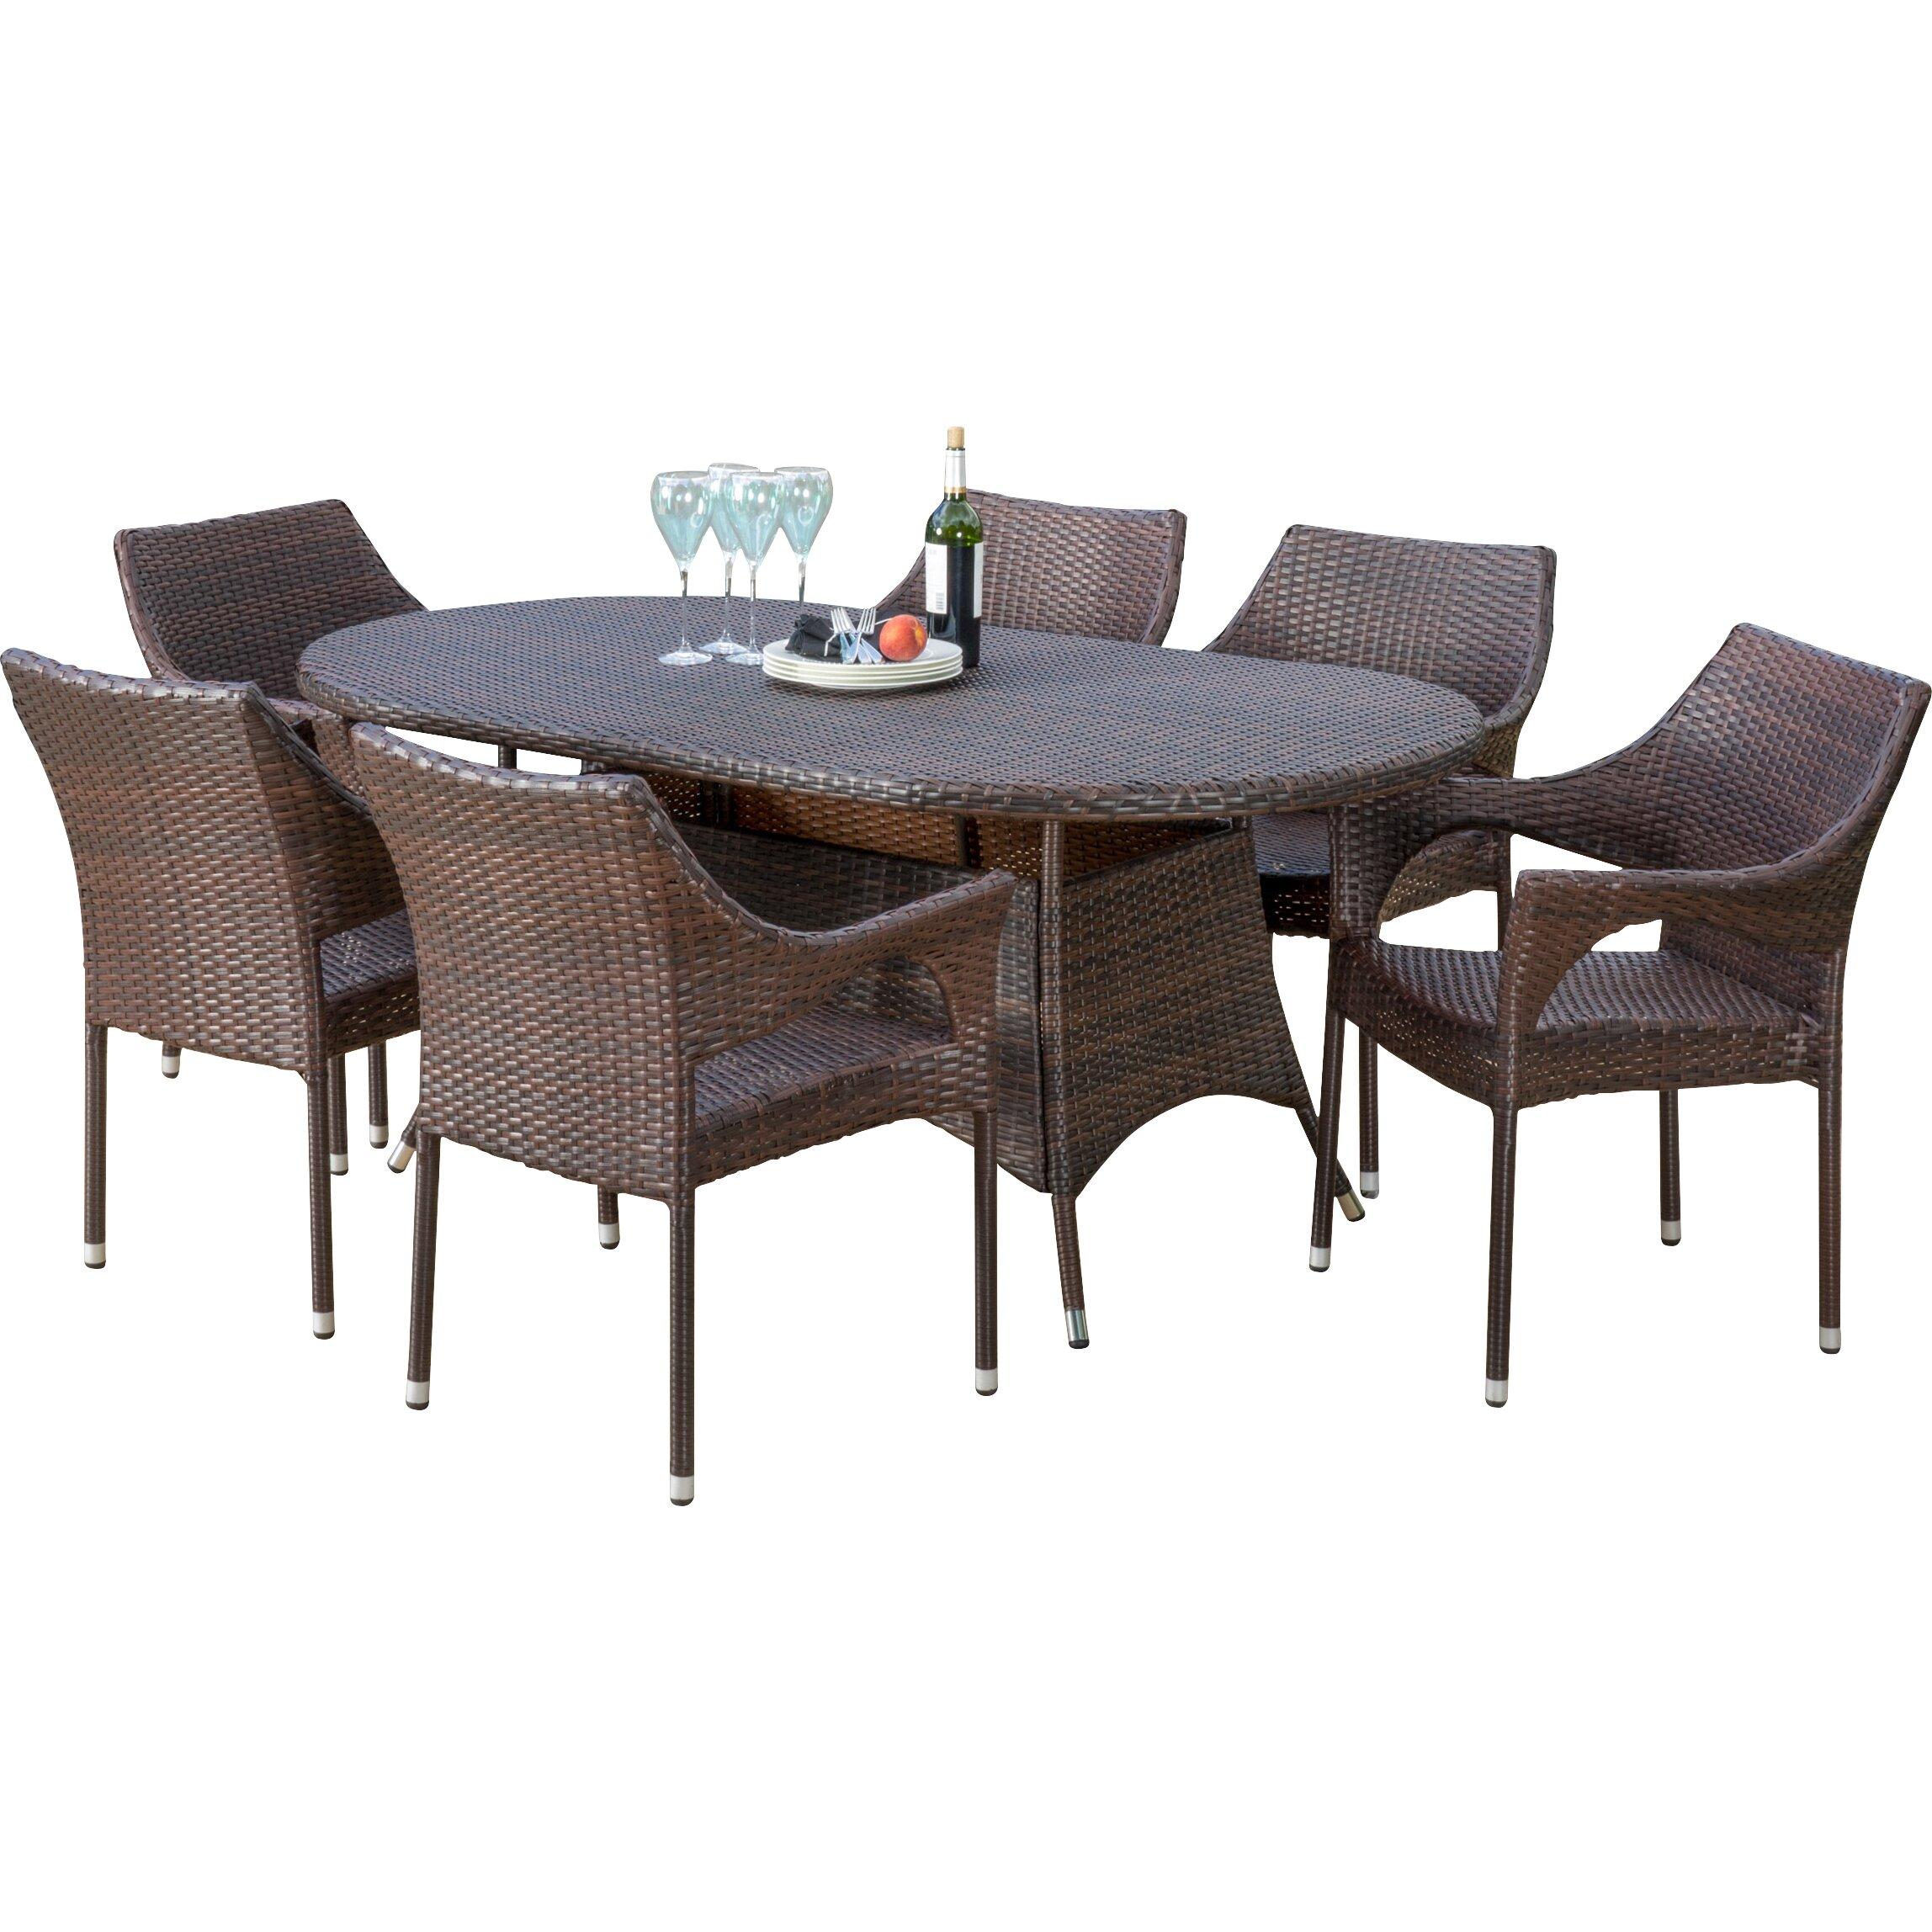 Home Loft Concepts Lennox 7 Piece Dining Set. Home Loft Concepts Lennox 7 Piece Dining Set   Reviews   Wayfair